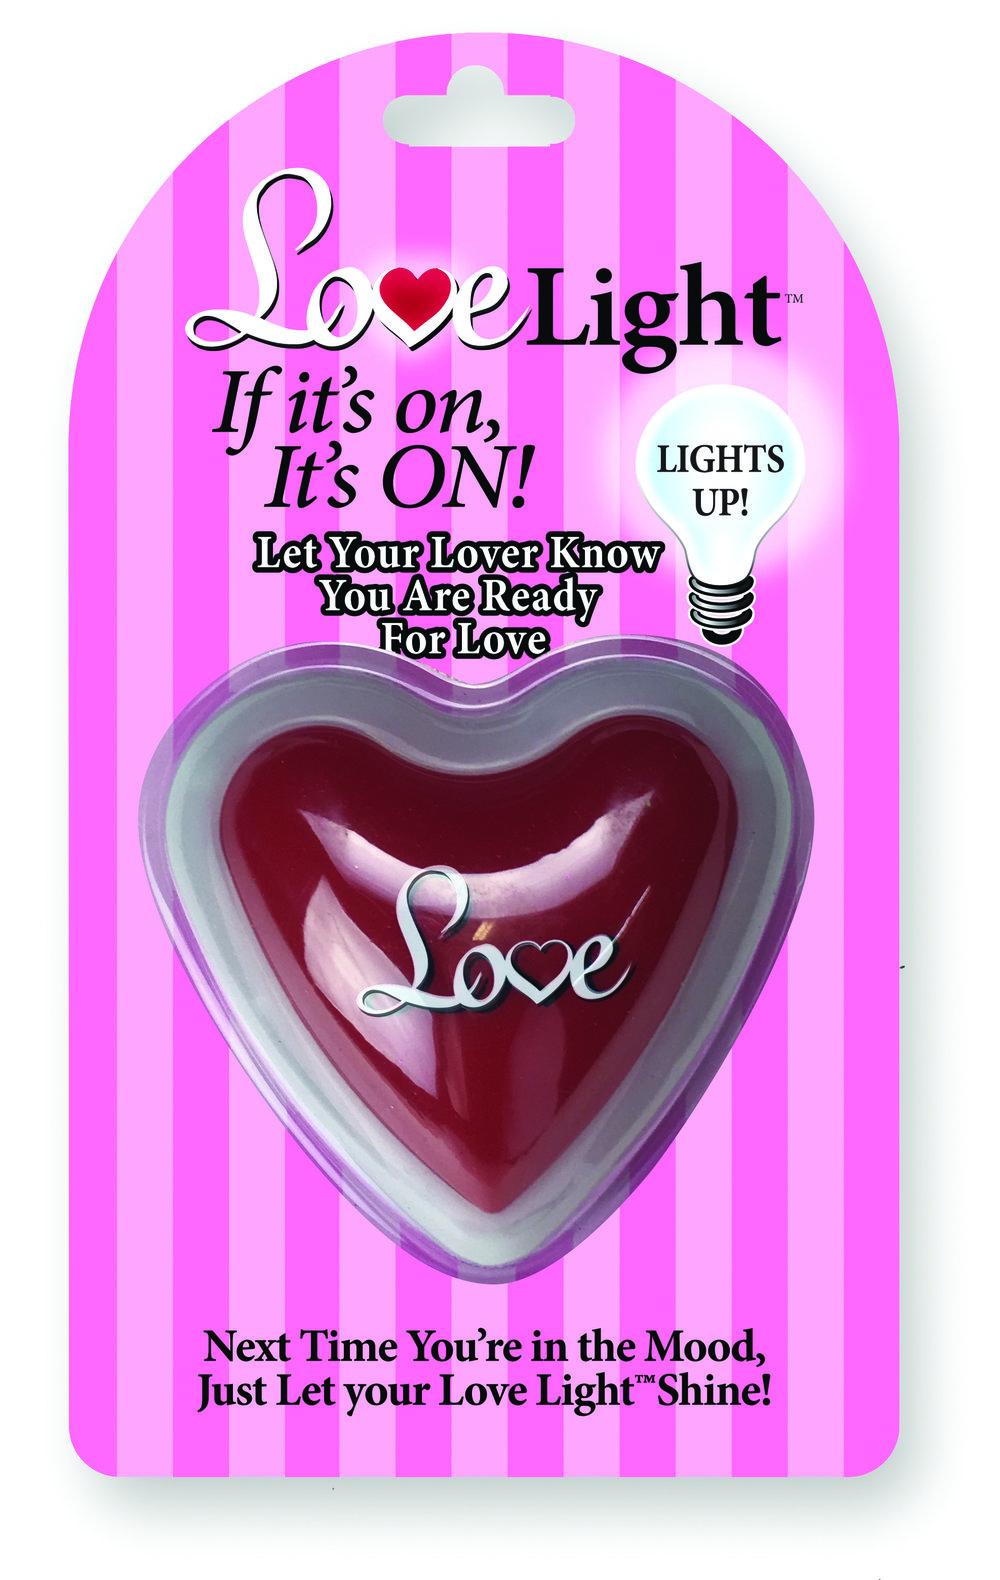 NV.070-LoveLight.jpg